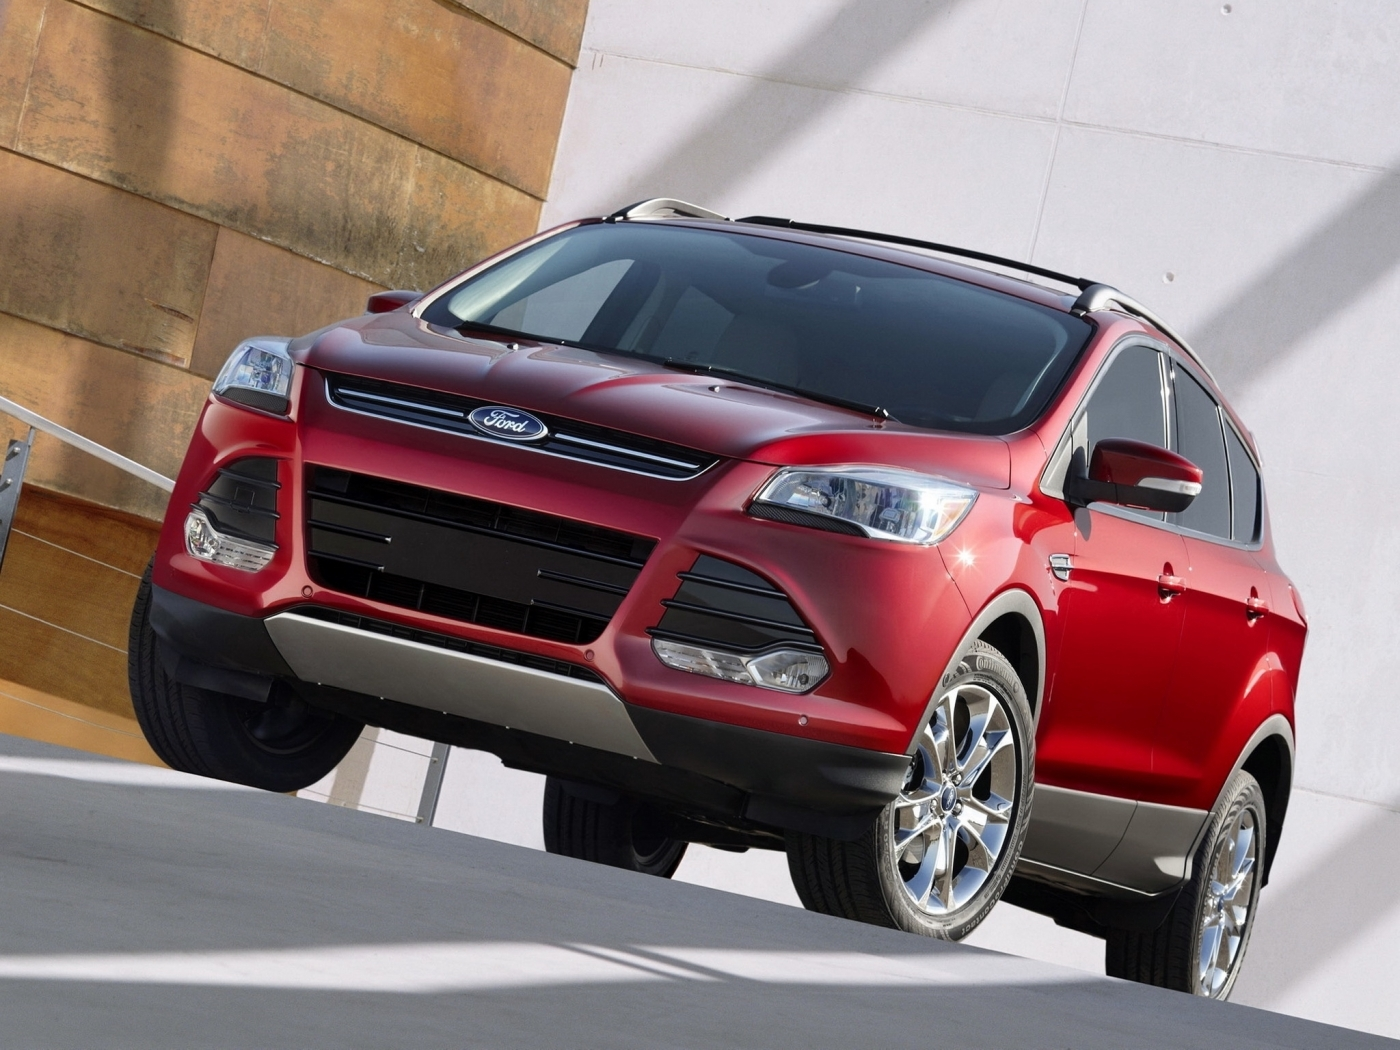 23985 скачать обои Транспорт, Машины, Форд (Ford) - заставки и картинки бесплатно